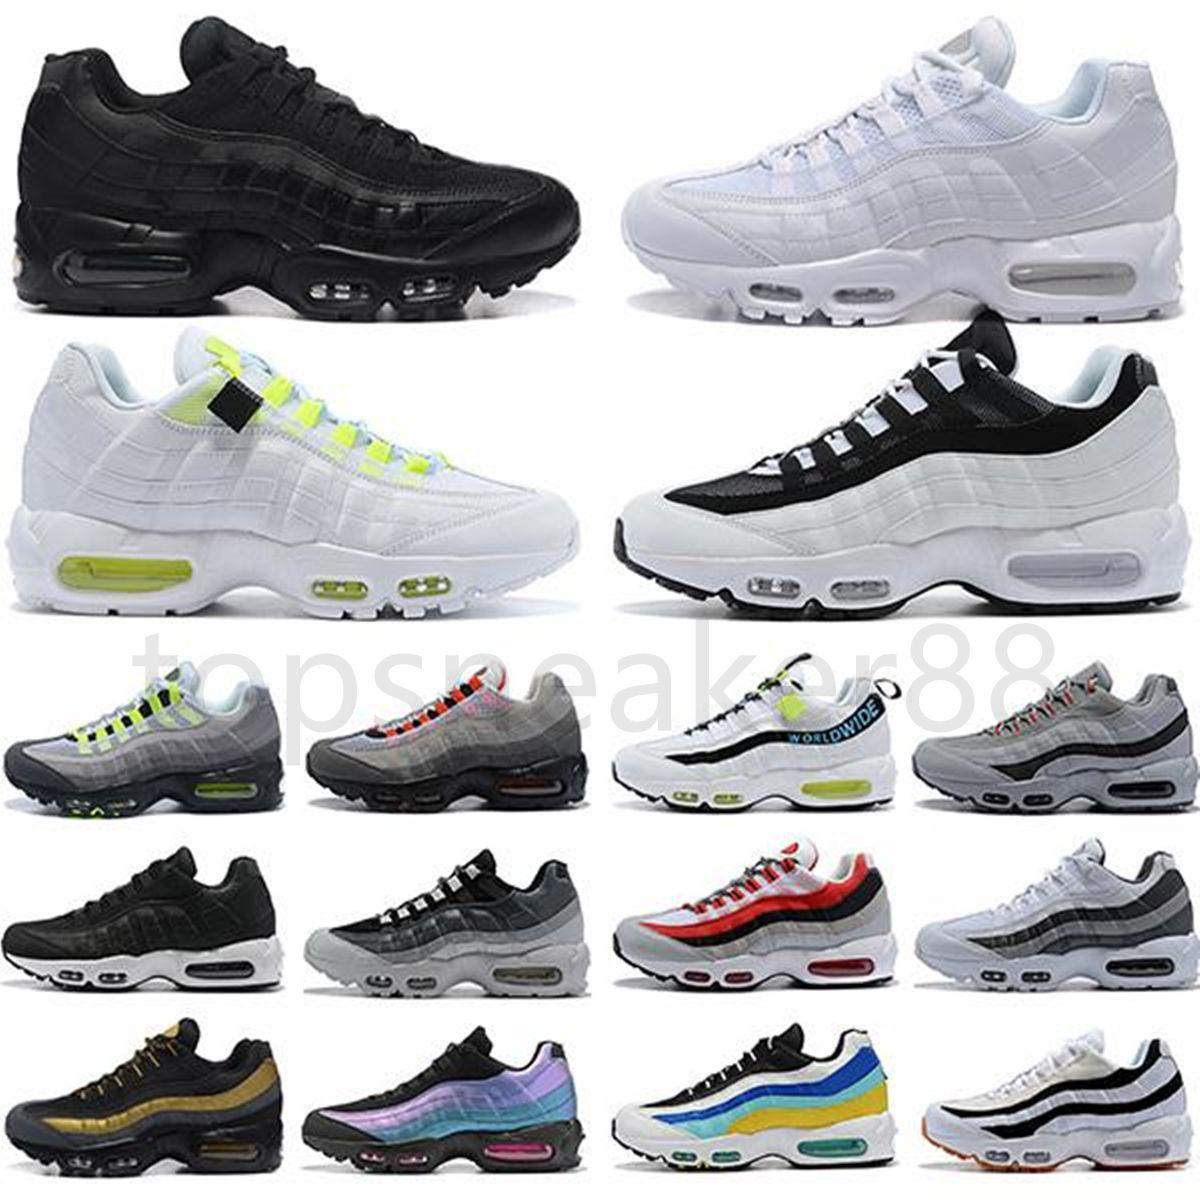 Bonne Qualité 95 Chaussures de course Trois néons noirs et blancs Laser Purple Pochette Élevage Aqua 95S Chaussures de sport pour hommes Chaussures de sport Chaussu